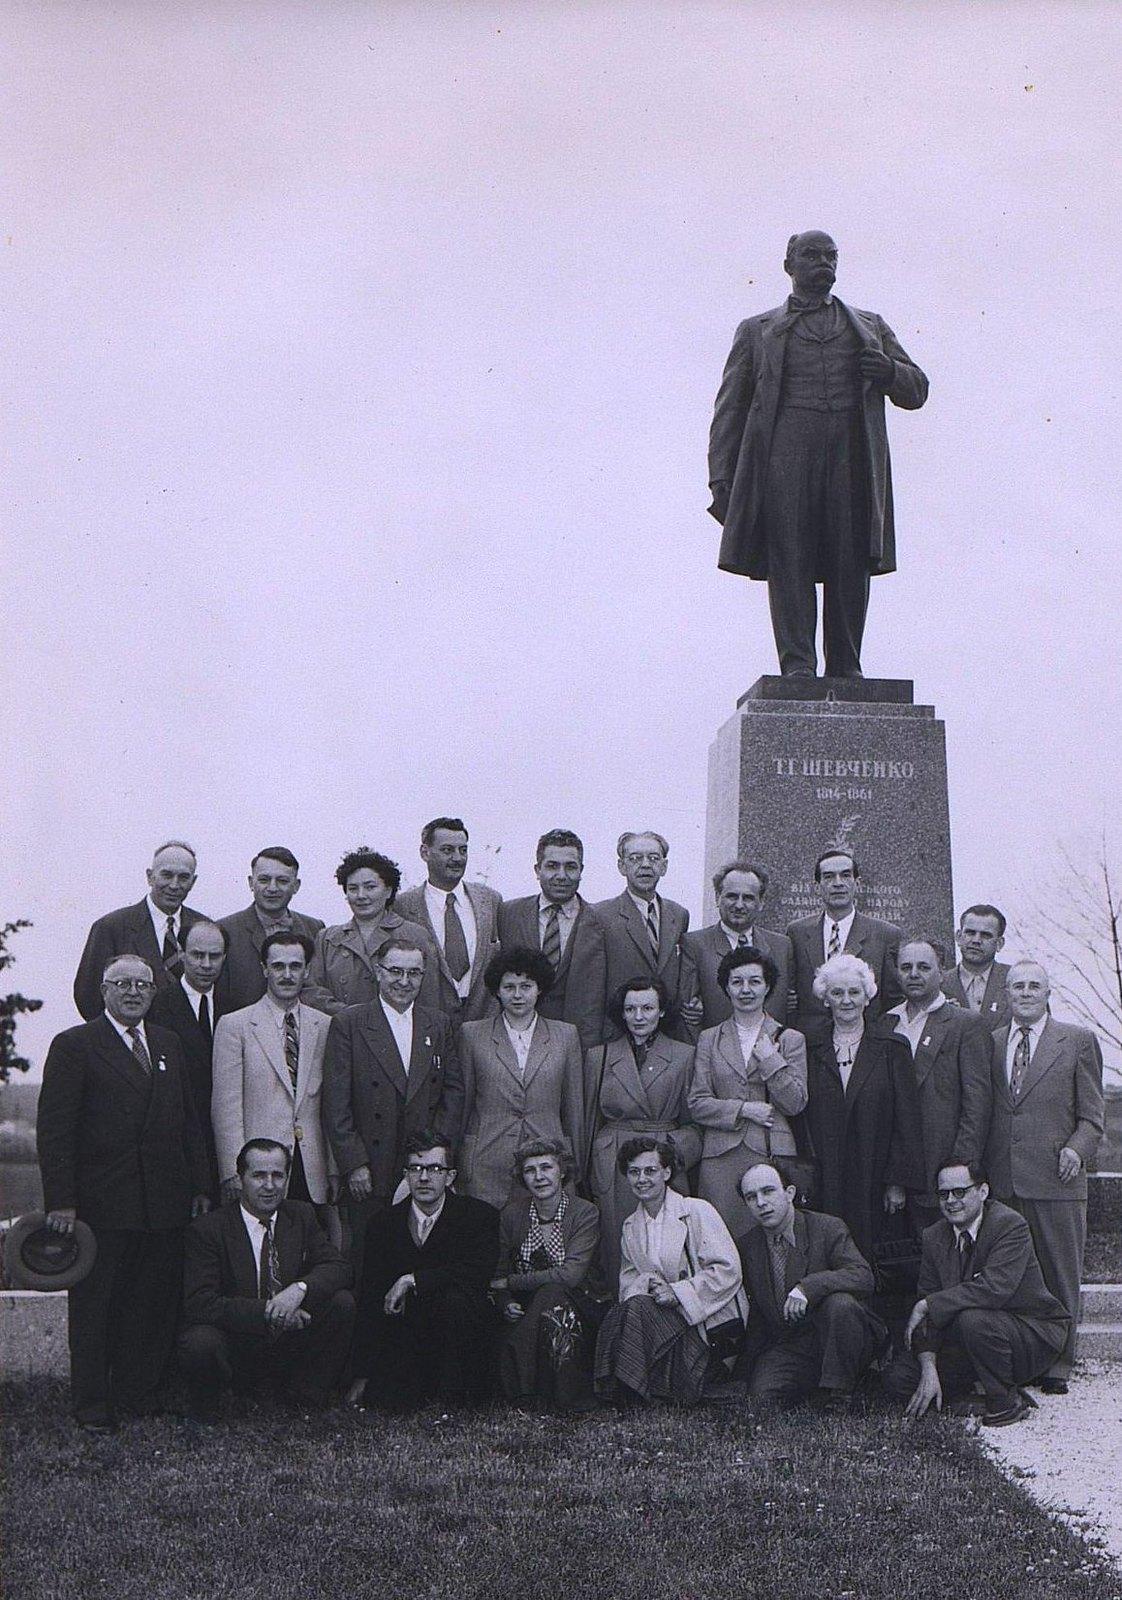 08. 1950-е. «Мы встречаем дорогих гостей из СССР». (Советские официальные лица)